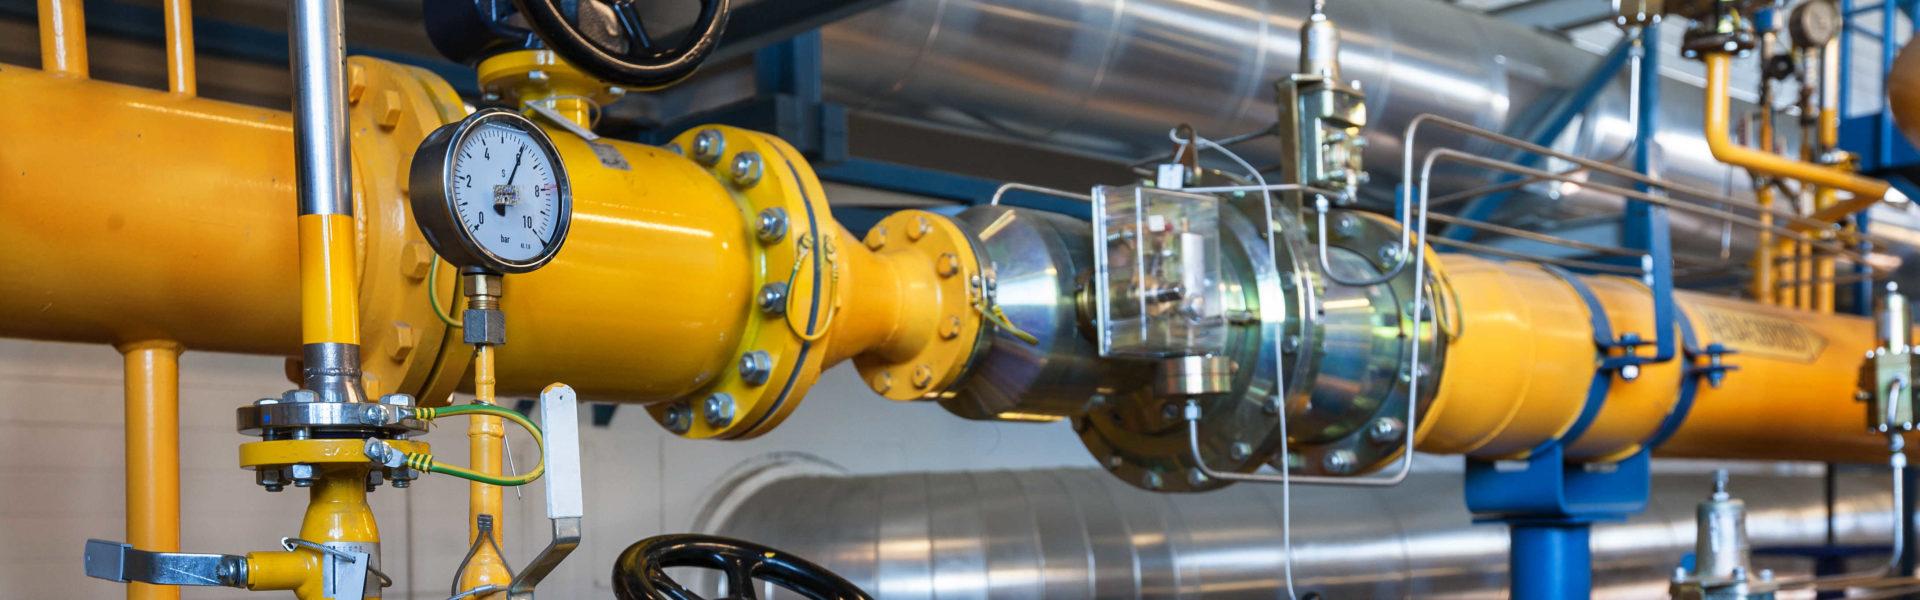 Трубопроводная арматура с электроприводом: особенности и преимущества